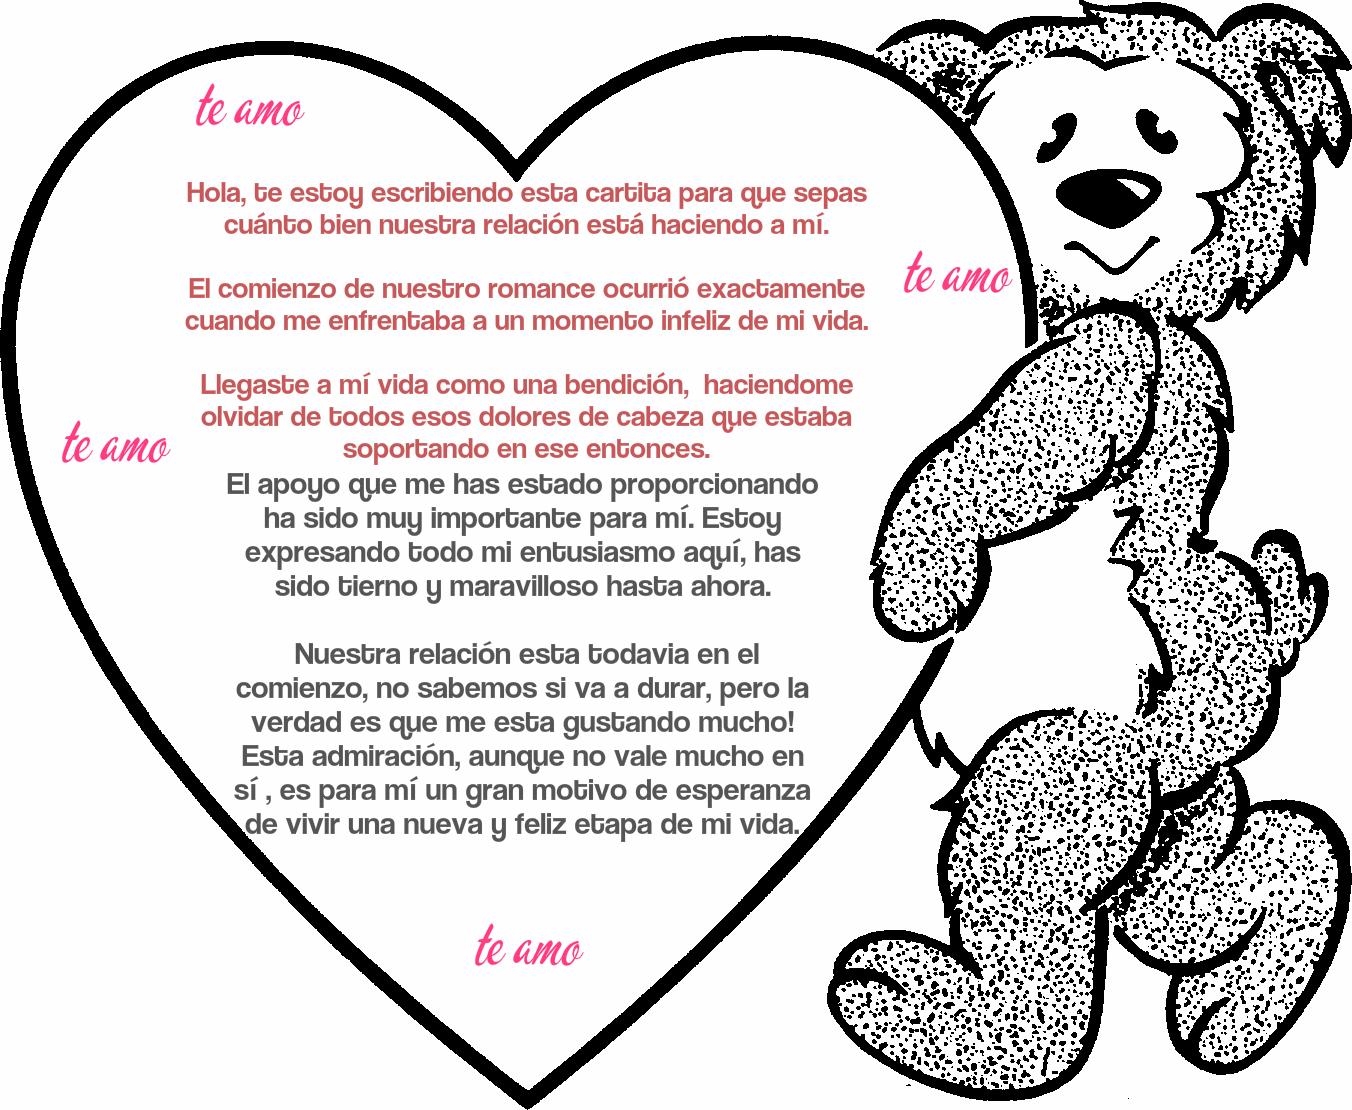 Frases, Mensajes E Imágenes De Amor: Cartas De Amor